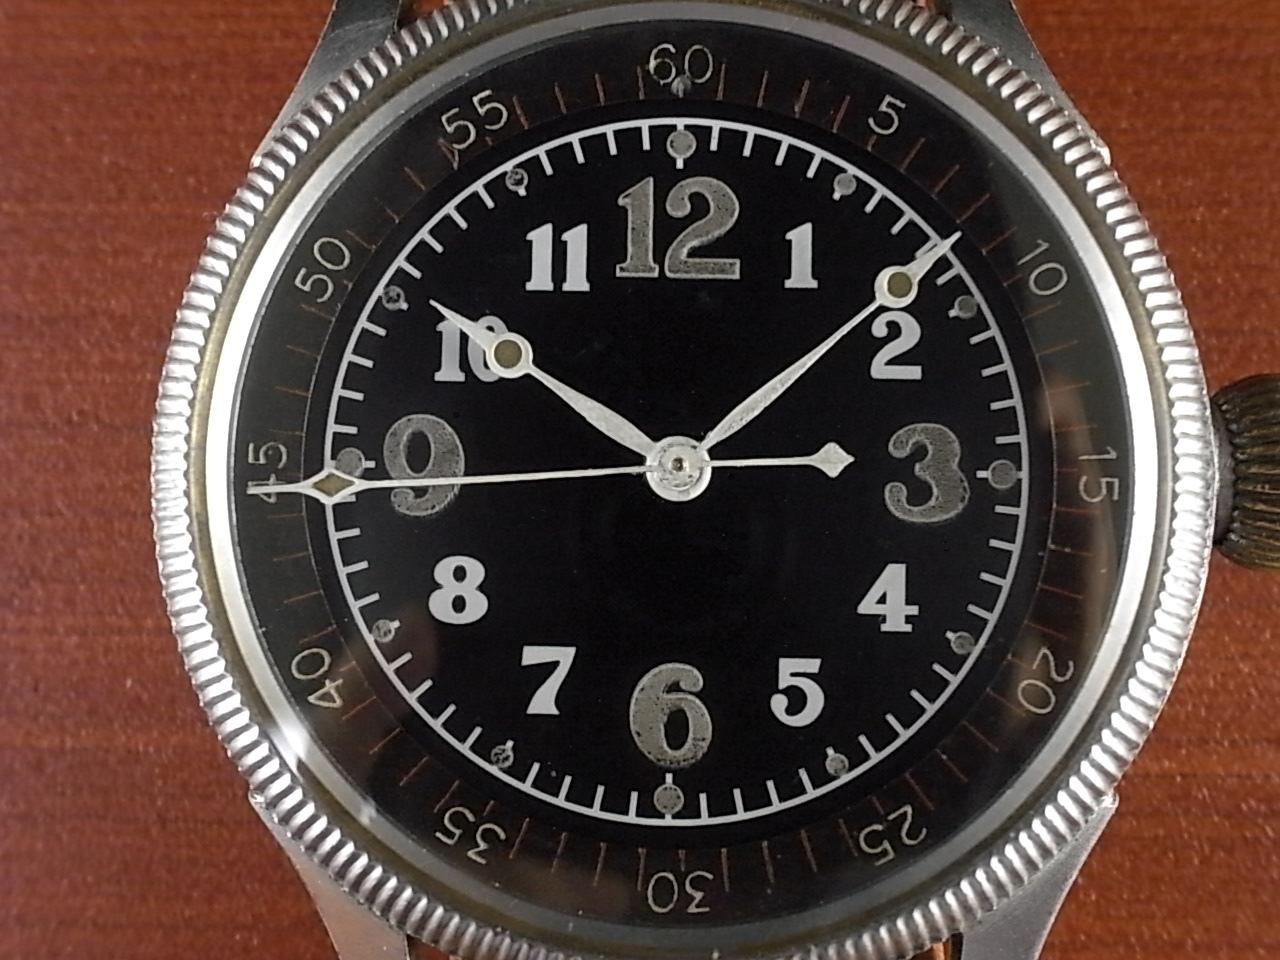 精工舎 旧日本海軍航空隊 天測時計 第二次世界大戦 1940年代の写真2枚目